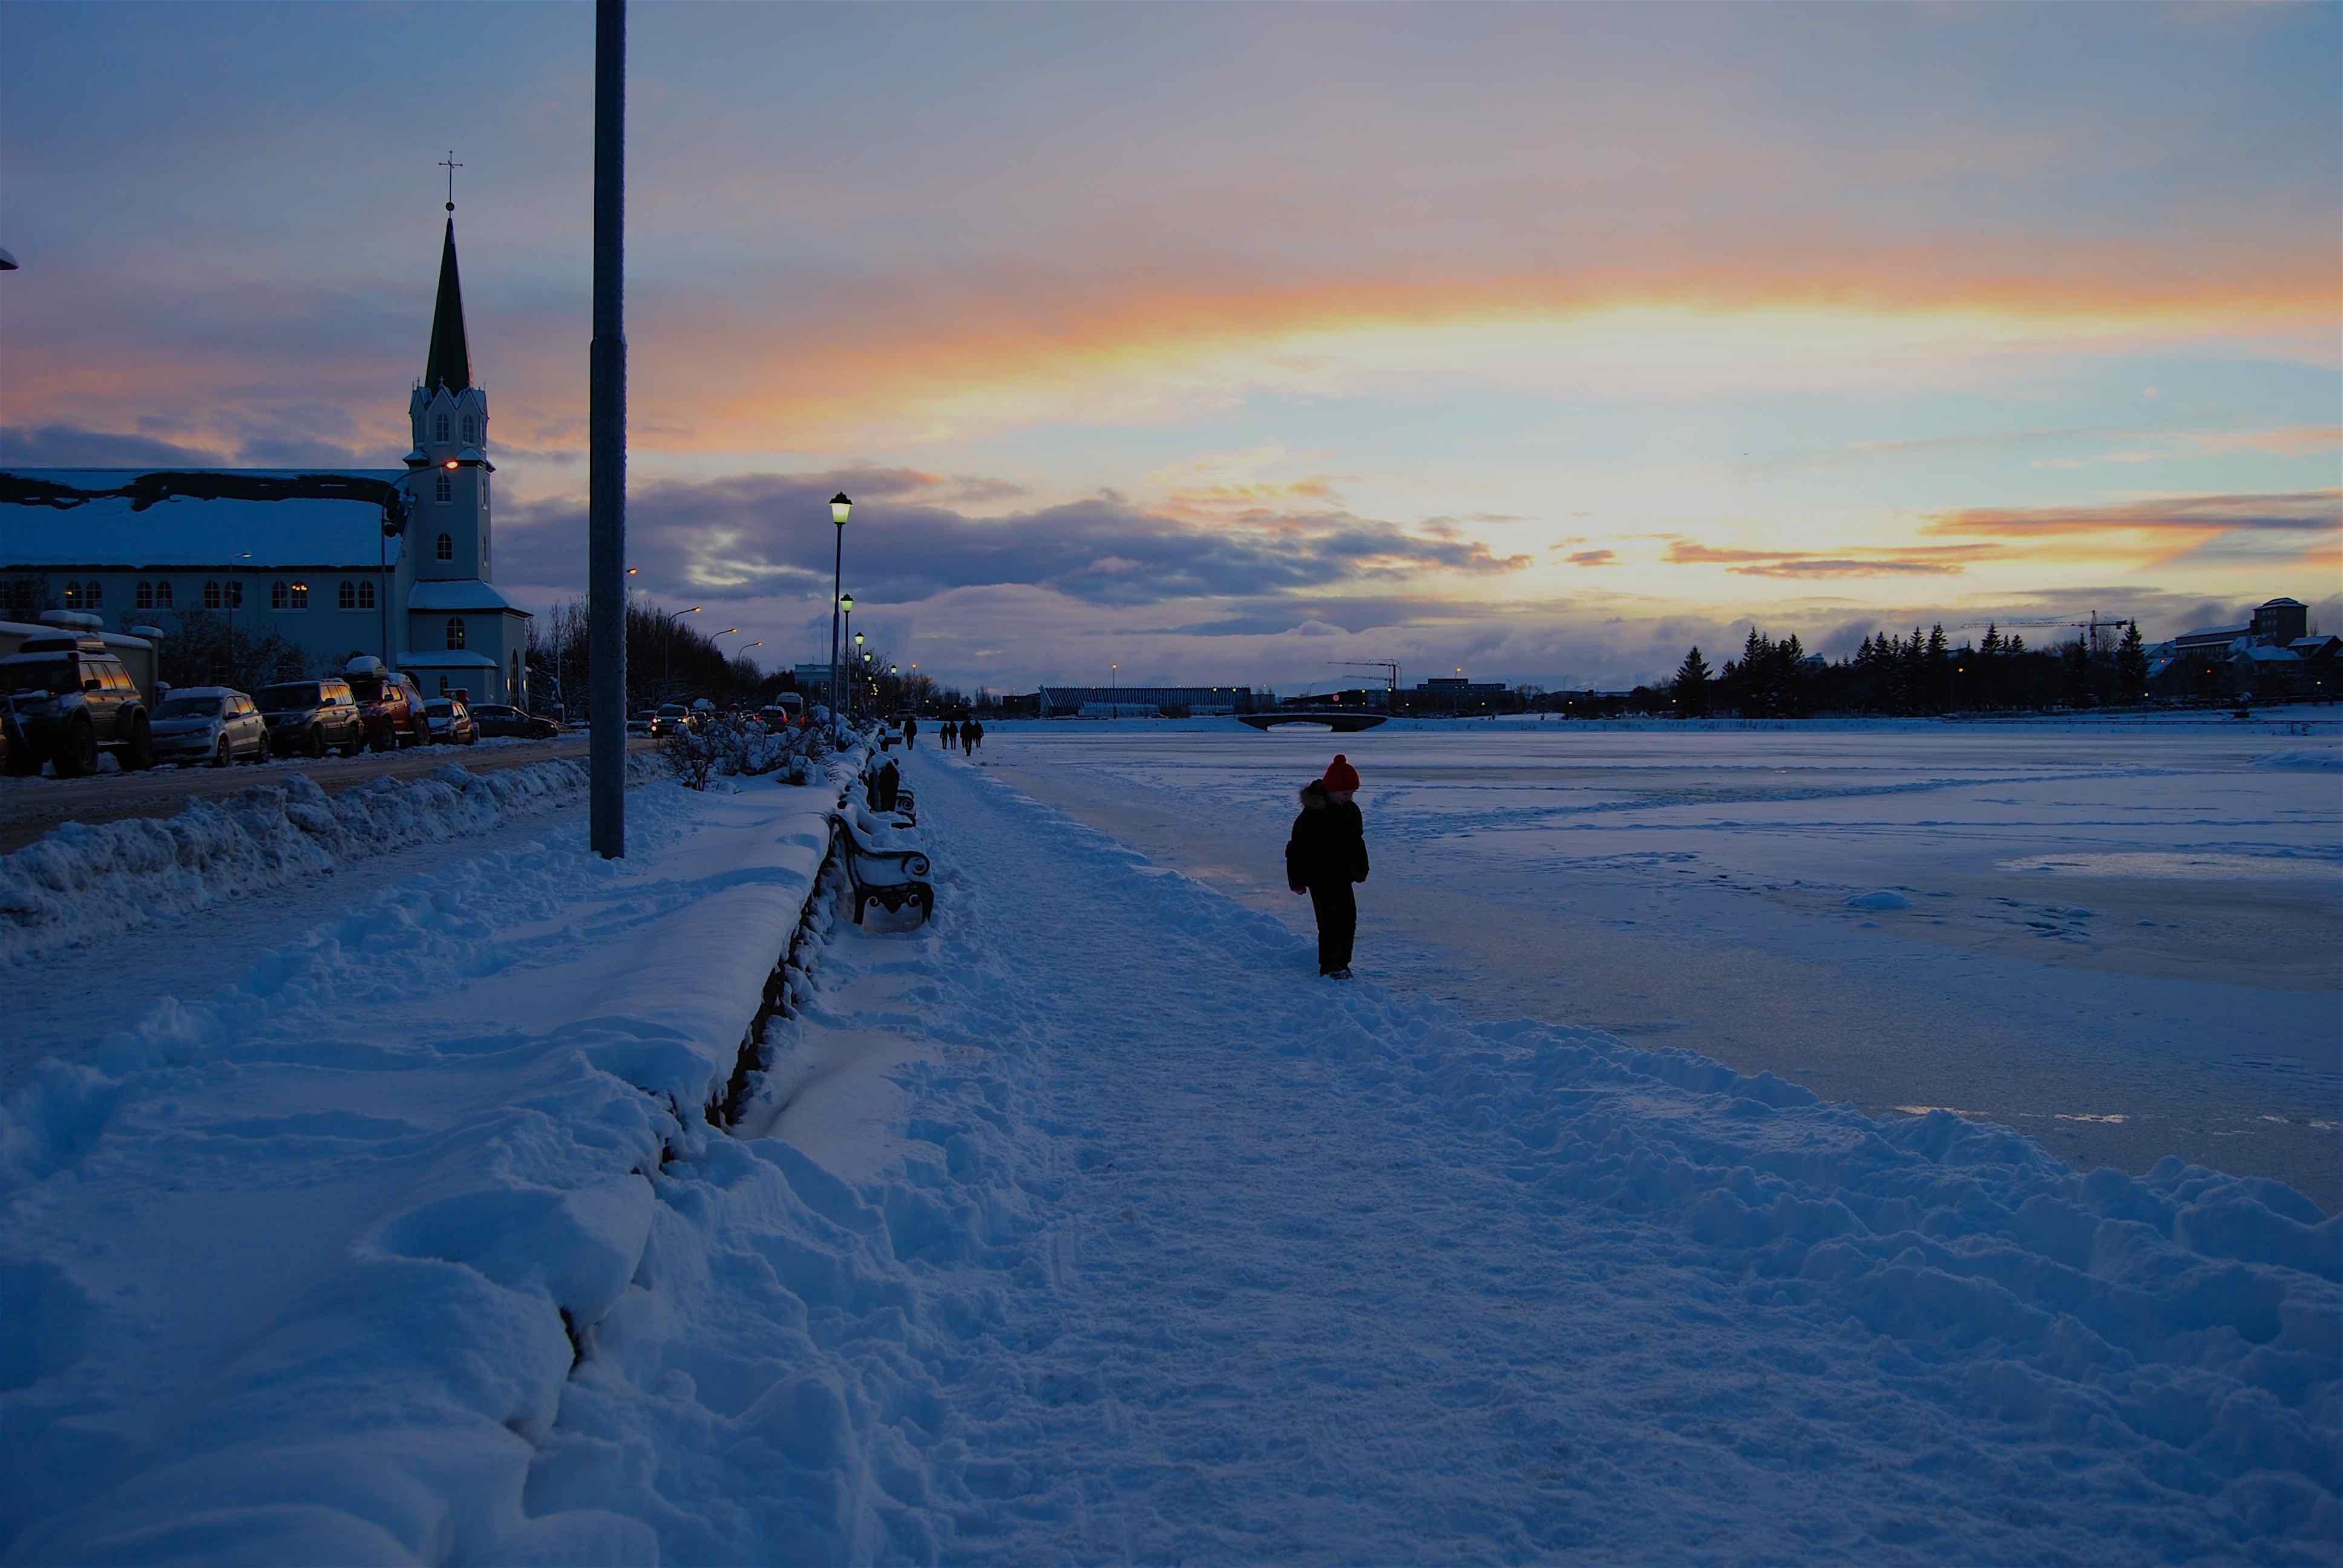 Visitez Reykjavík en hiver et plongez dans un monde féerique de neige et de glace.